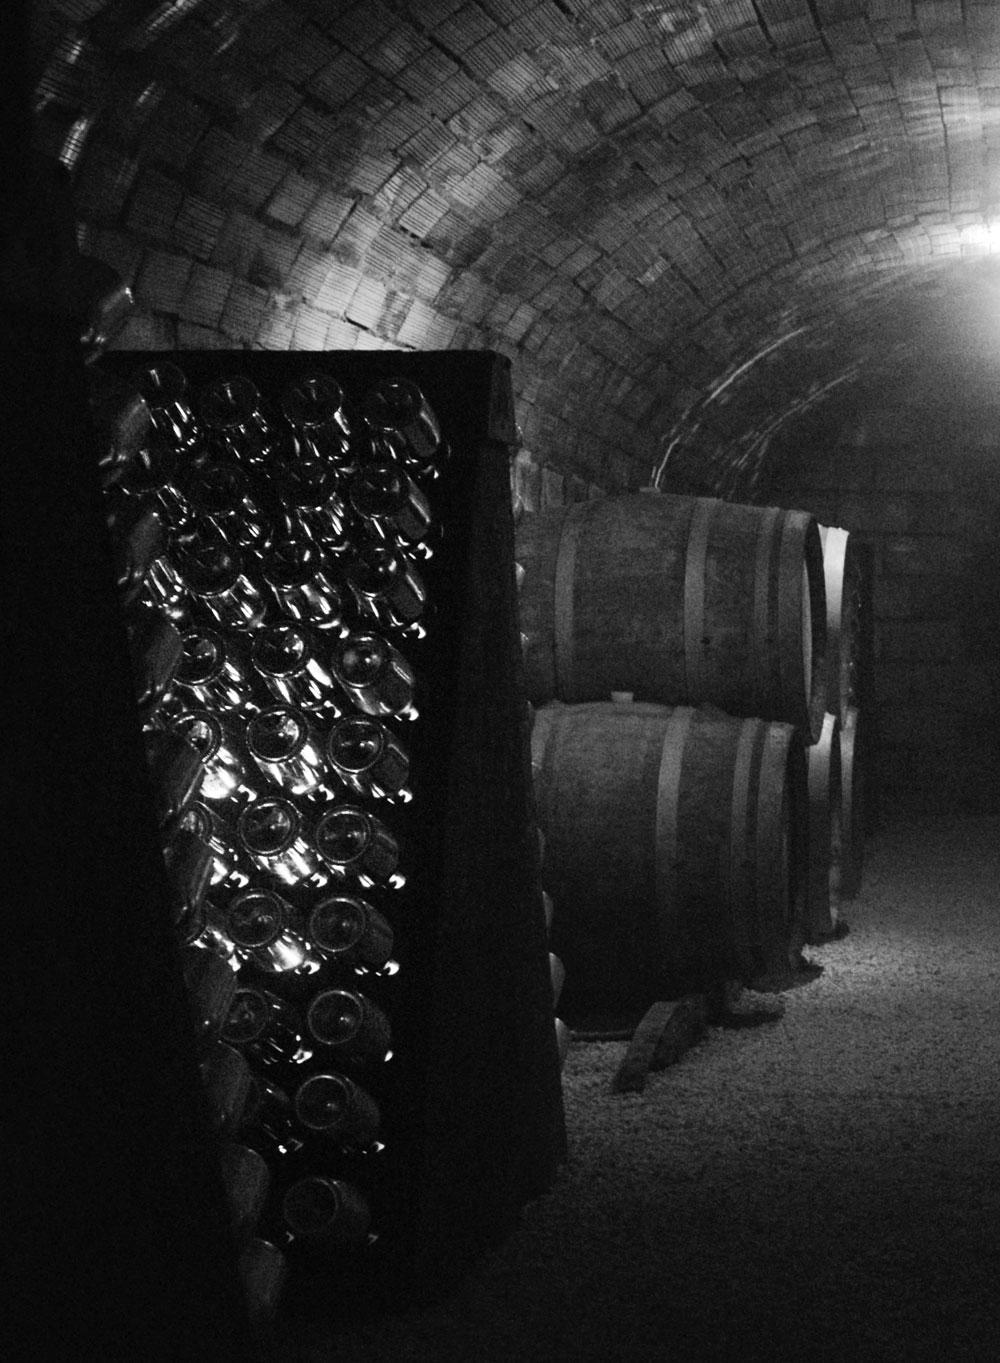 黑桃 A 香槟酒庄背后的故事 - Armand de Brignac Champagne